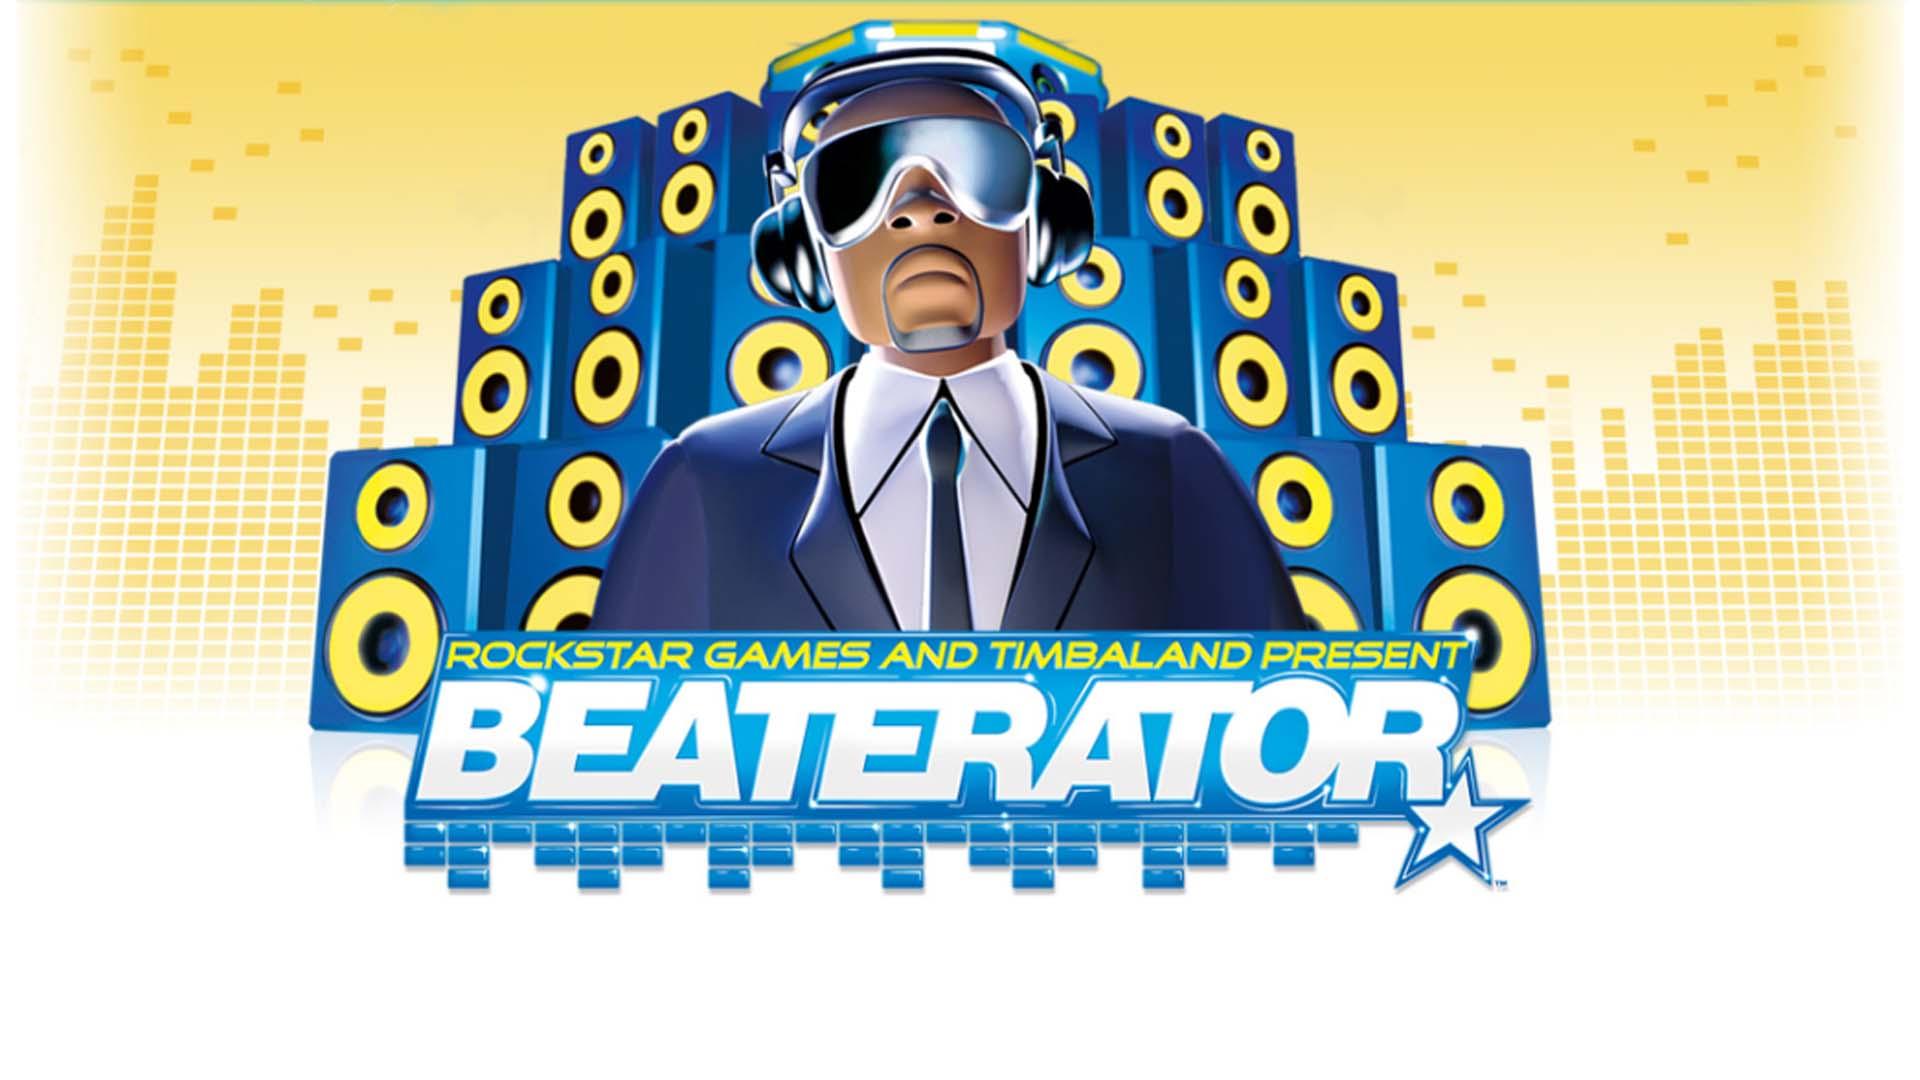 Vous souvenez vous de Beaterator ?